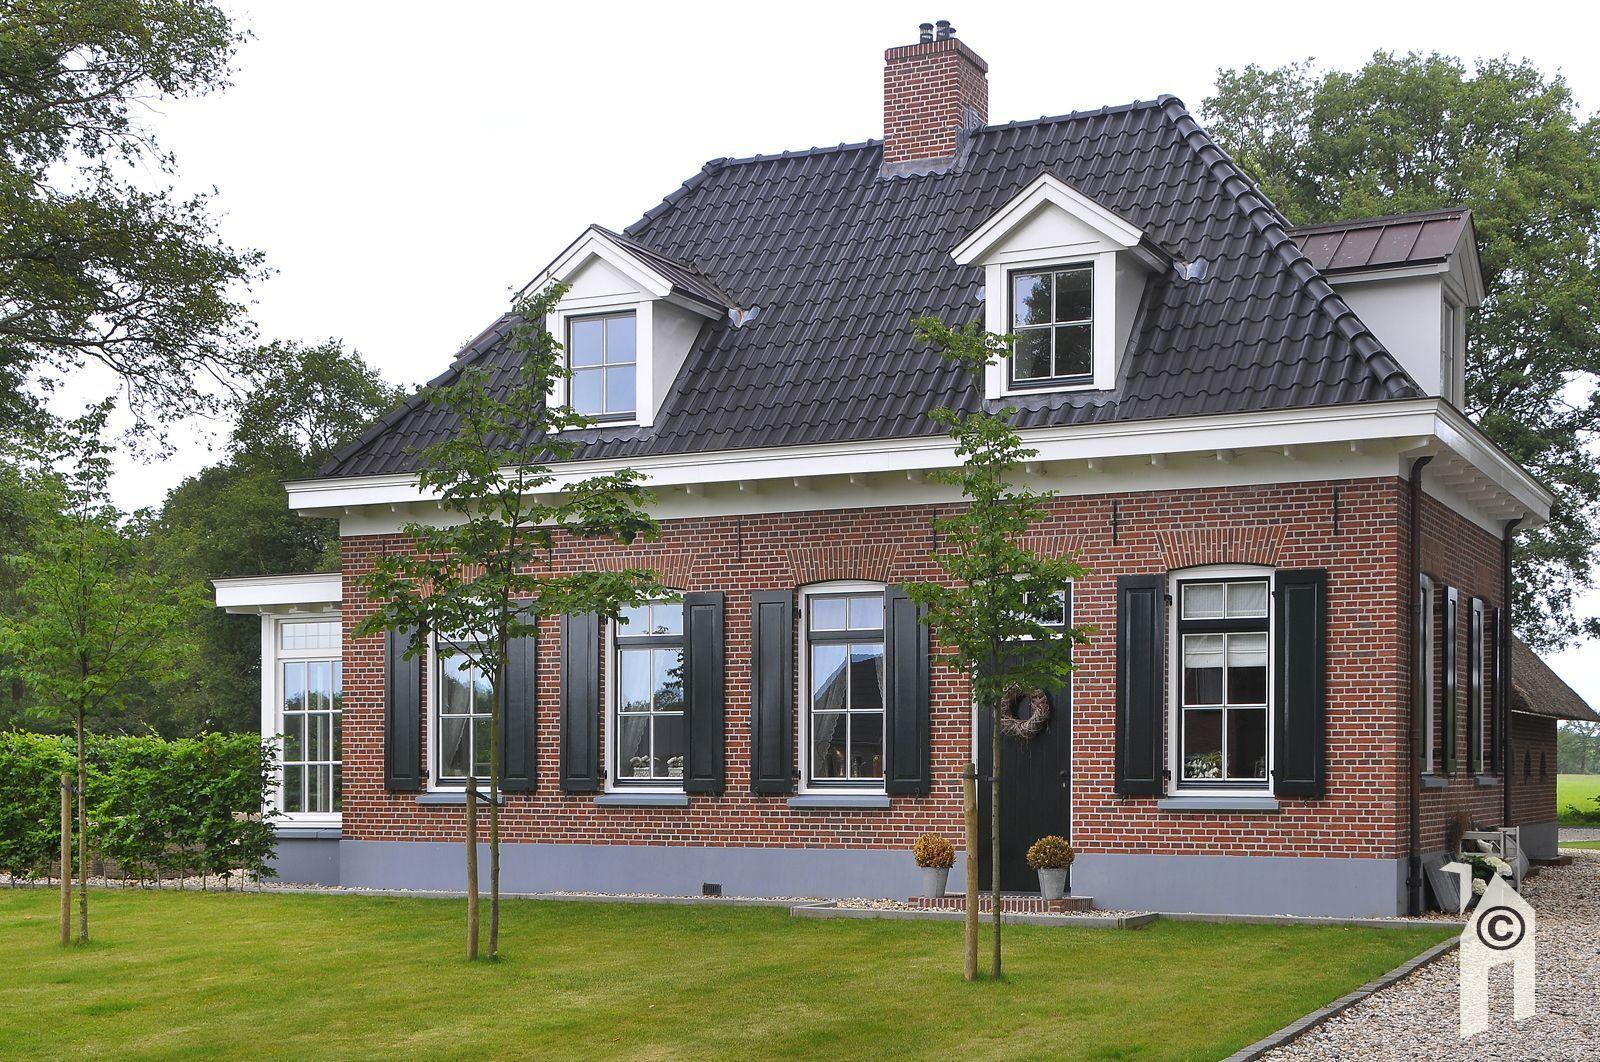 Eigen Huis Bouwen : Flieroord huis bouwen notaris herenboerderij eigenhuisbouwen